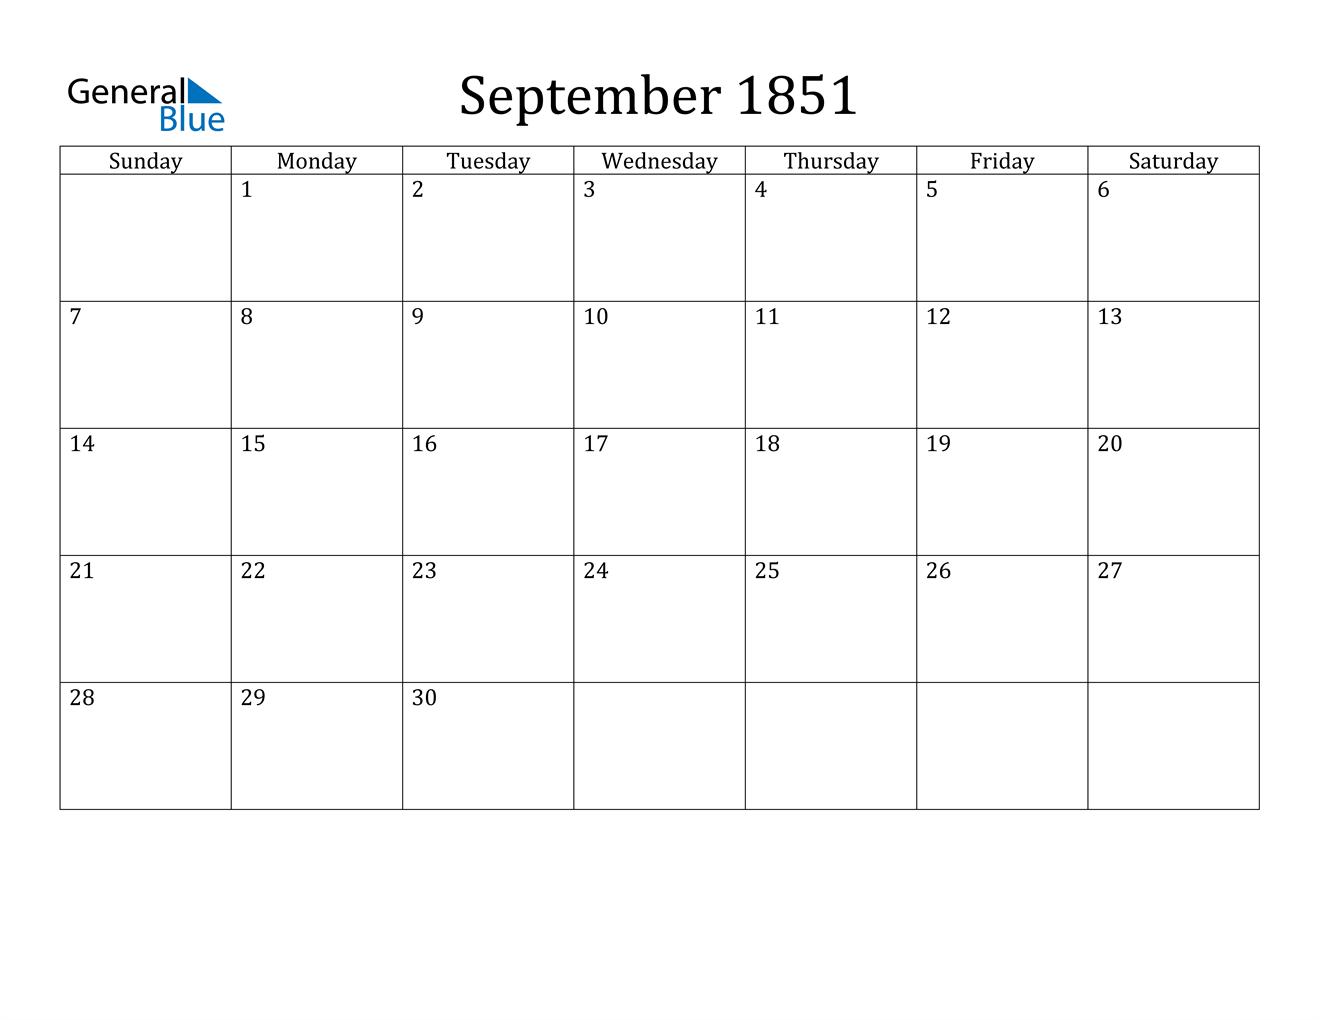 Image of September 1851 Calendar